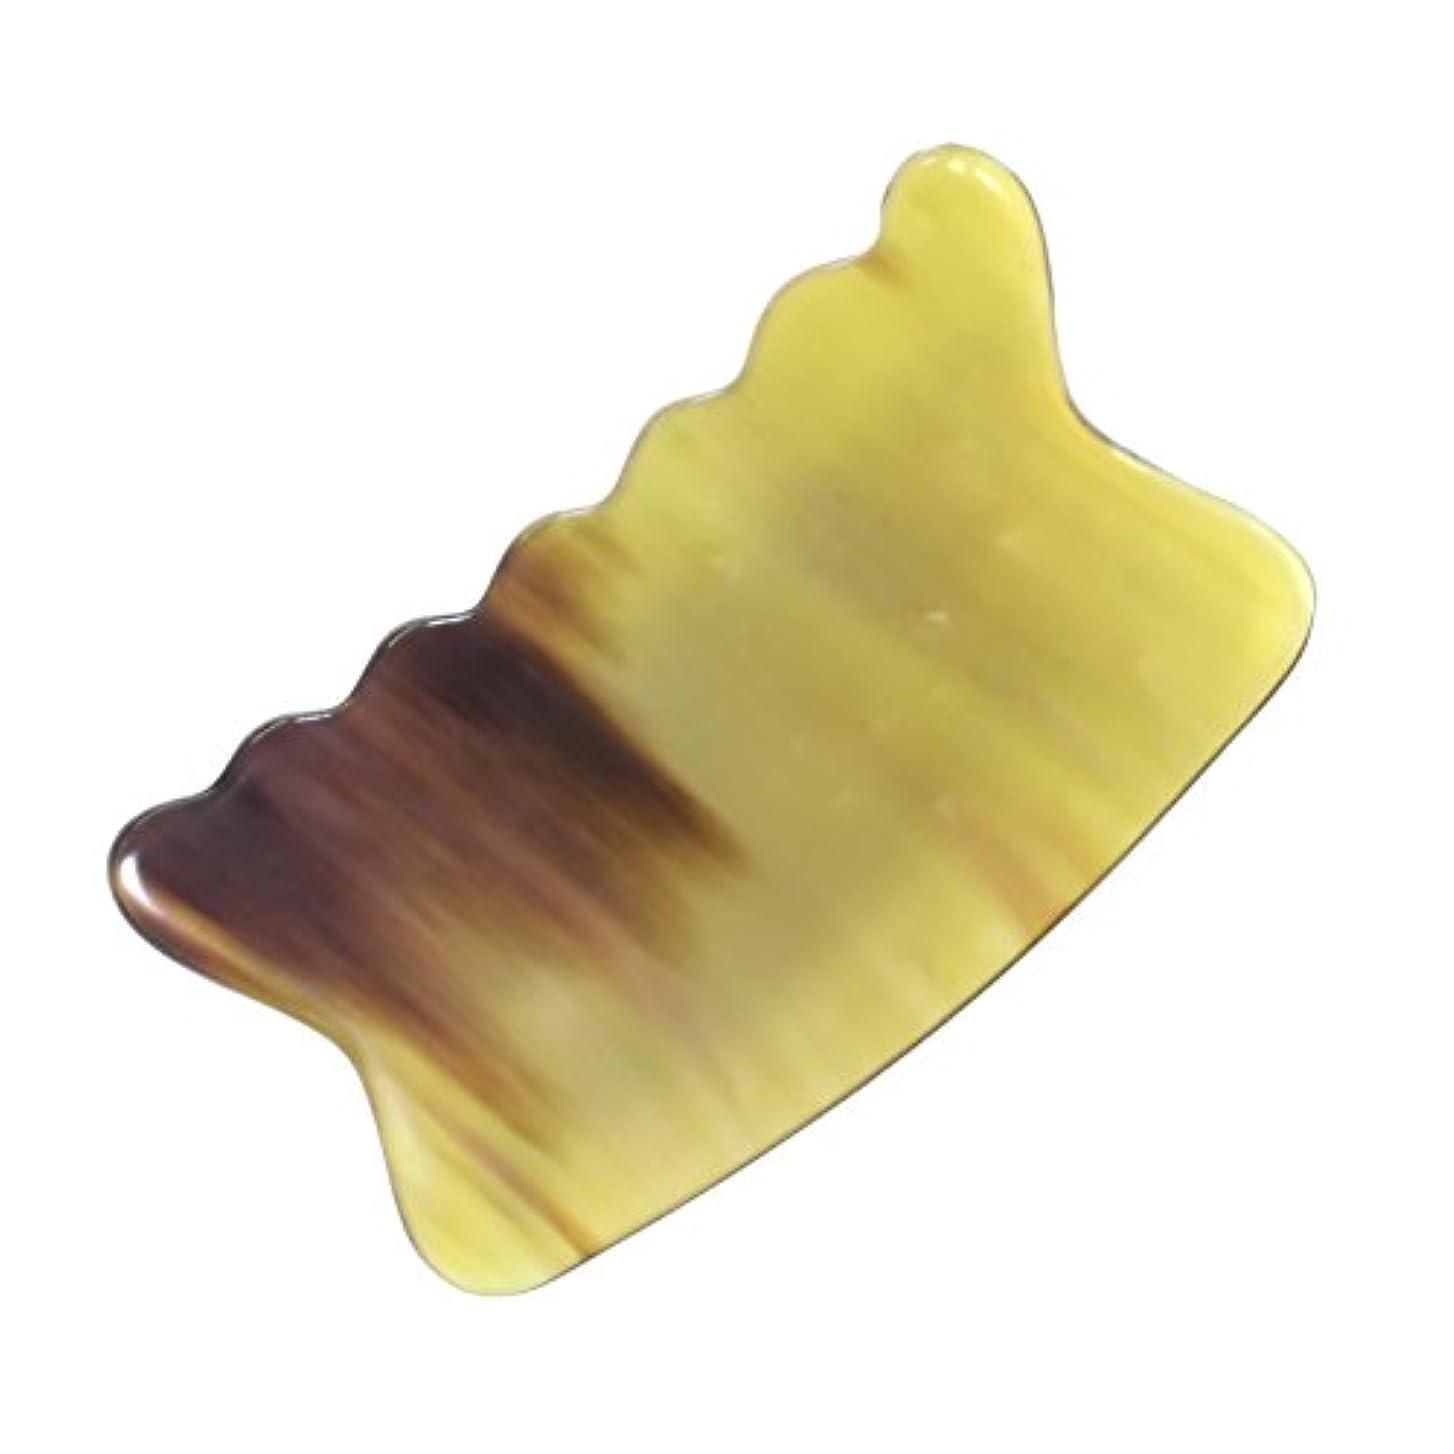 位置する従者ドラマかっさ プレート 希少61 黄水牛角 極美品 曲波型